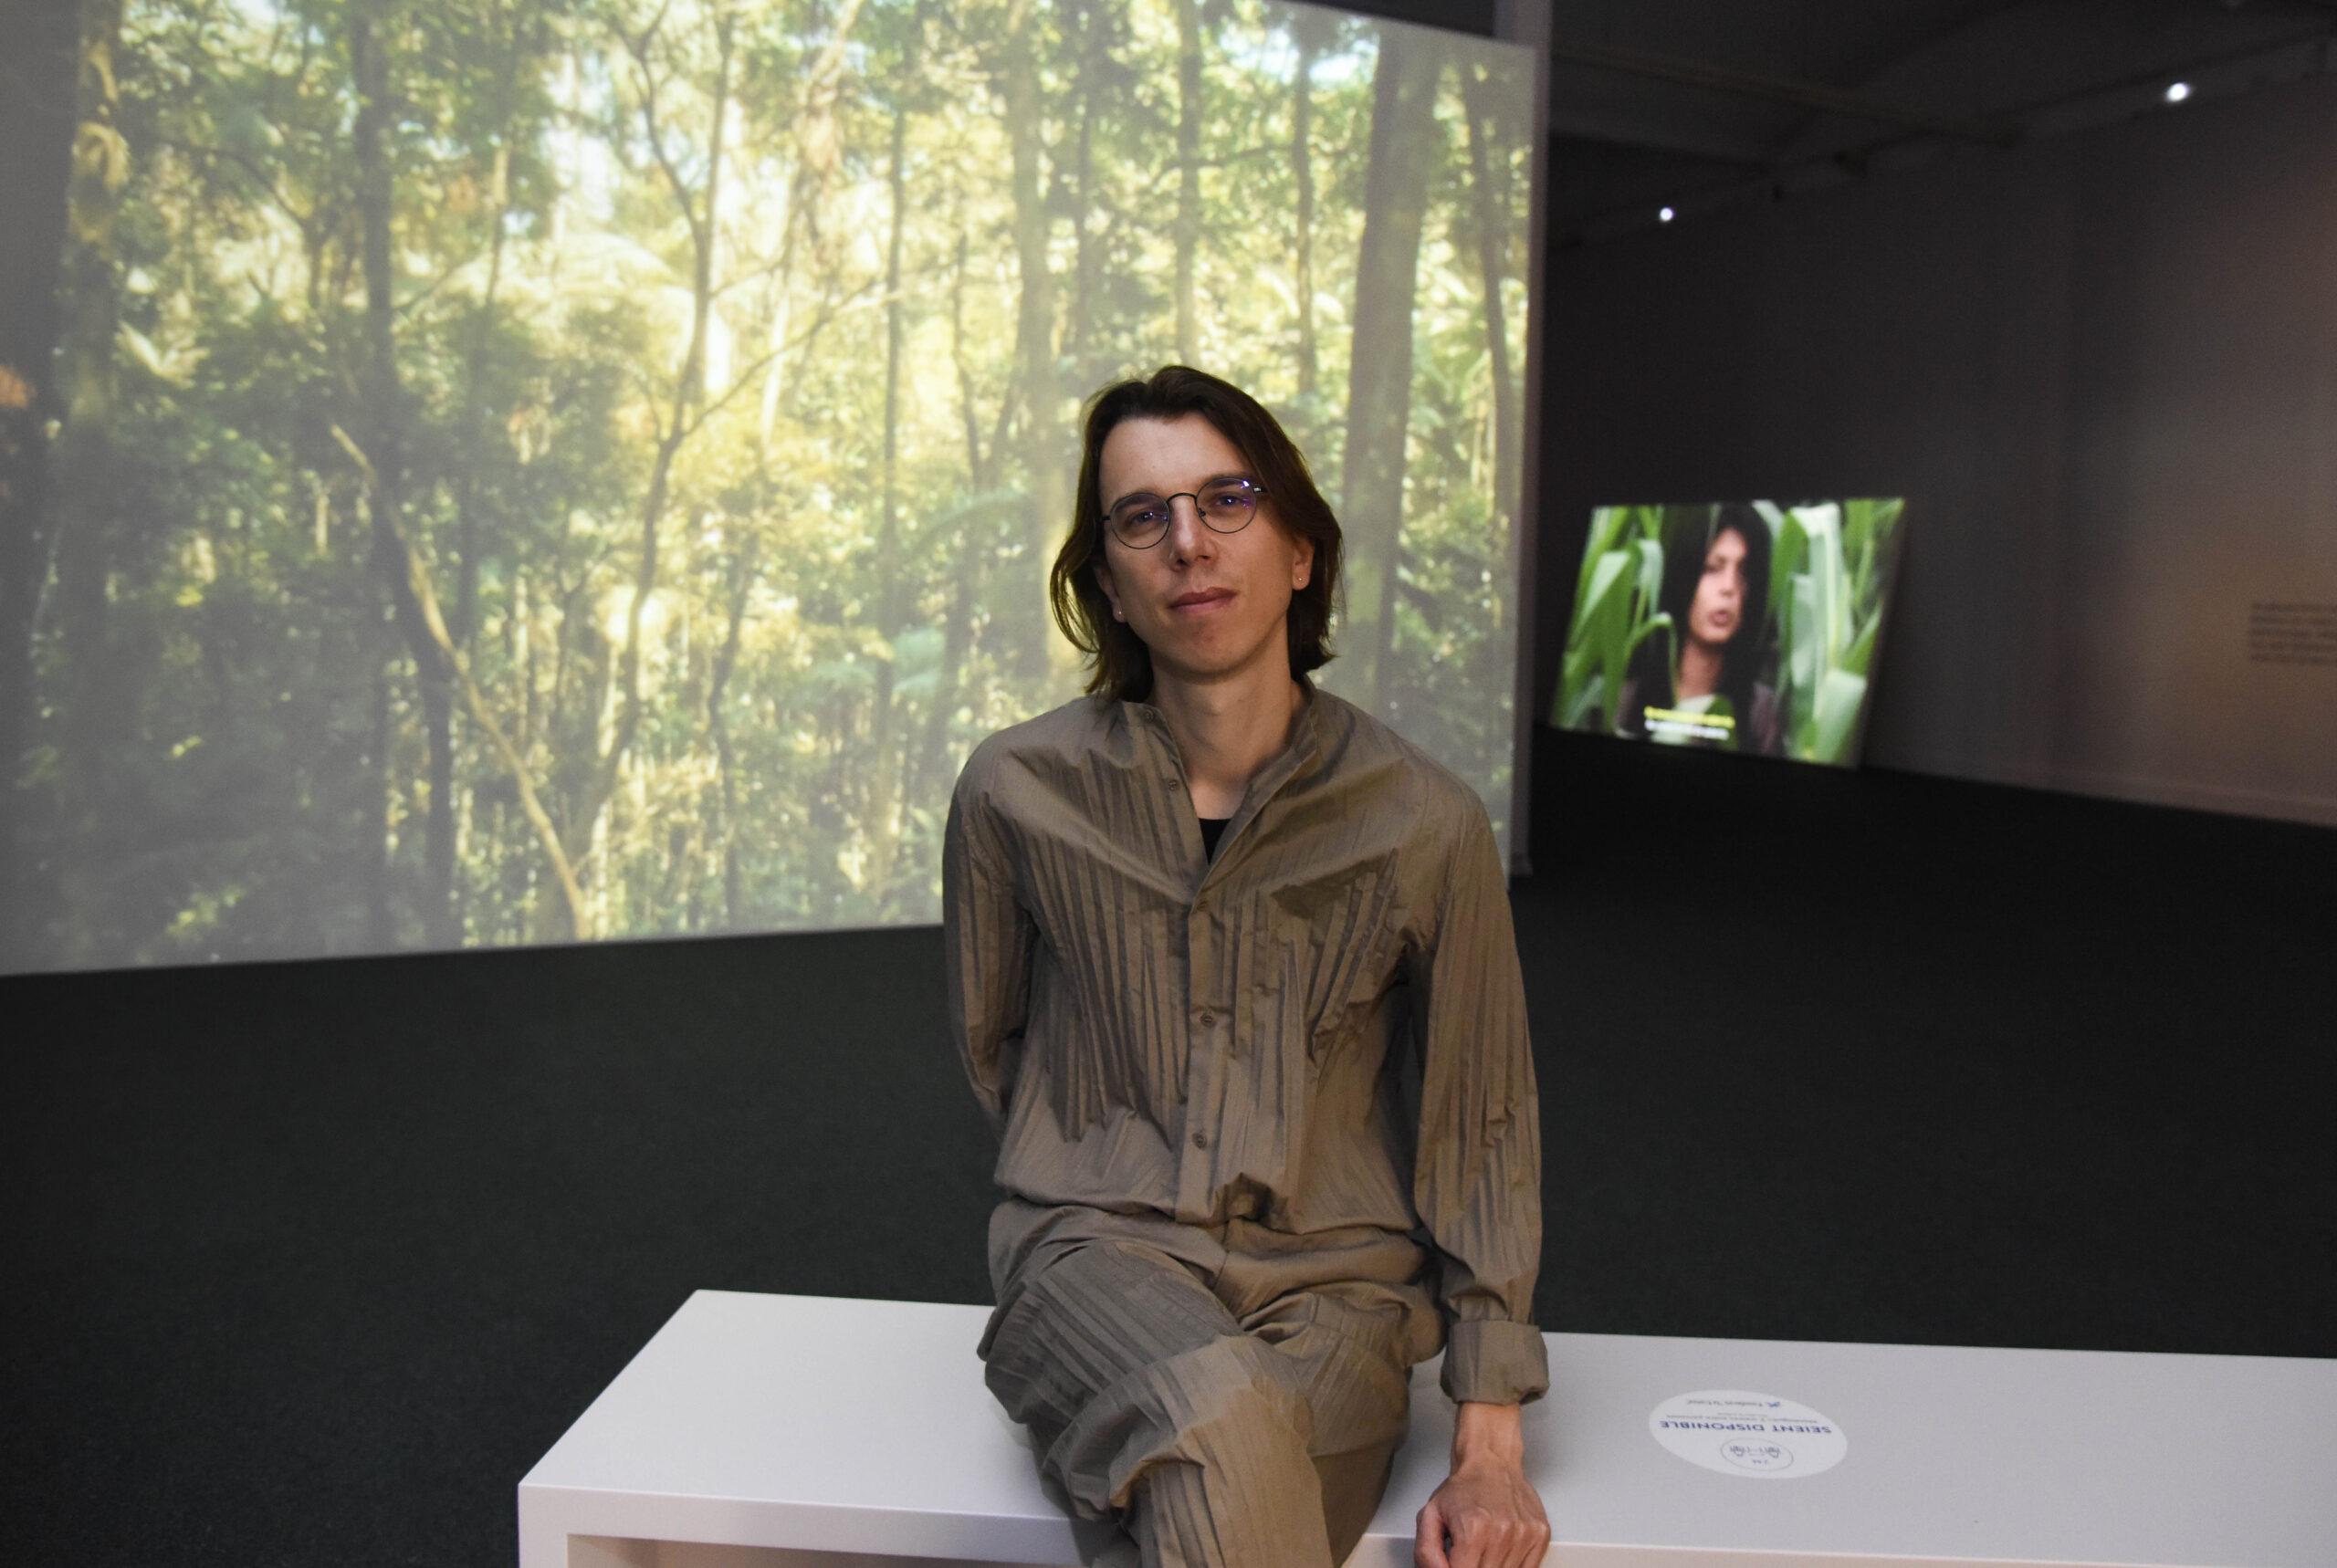 L'artista Pedro Neves ha presentat a CaixaForum Barcelona l'exposició YWY. Visions. Pedro Neves Marques, en col·laboració amb Zahy Guajajara. Foto: Fundació La Caixa